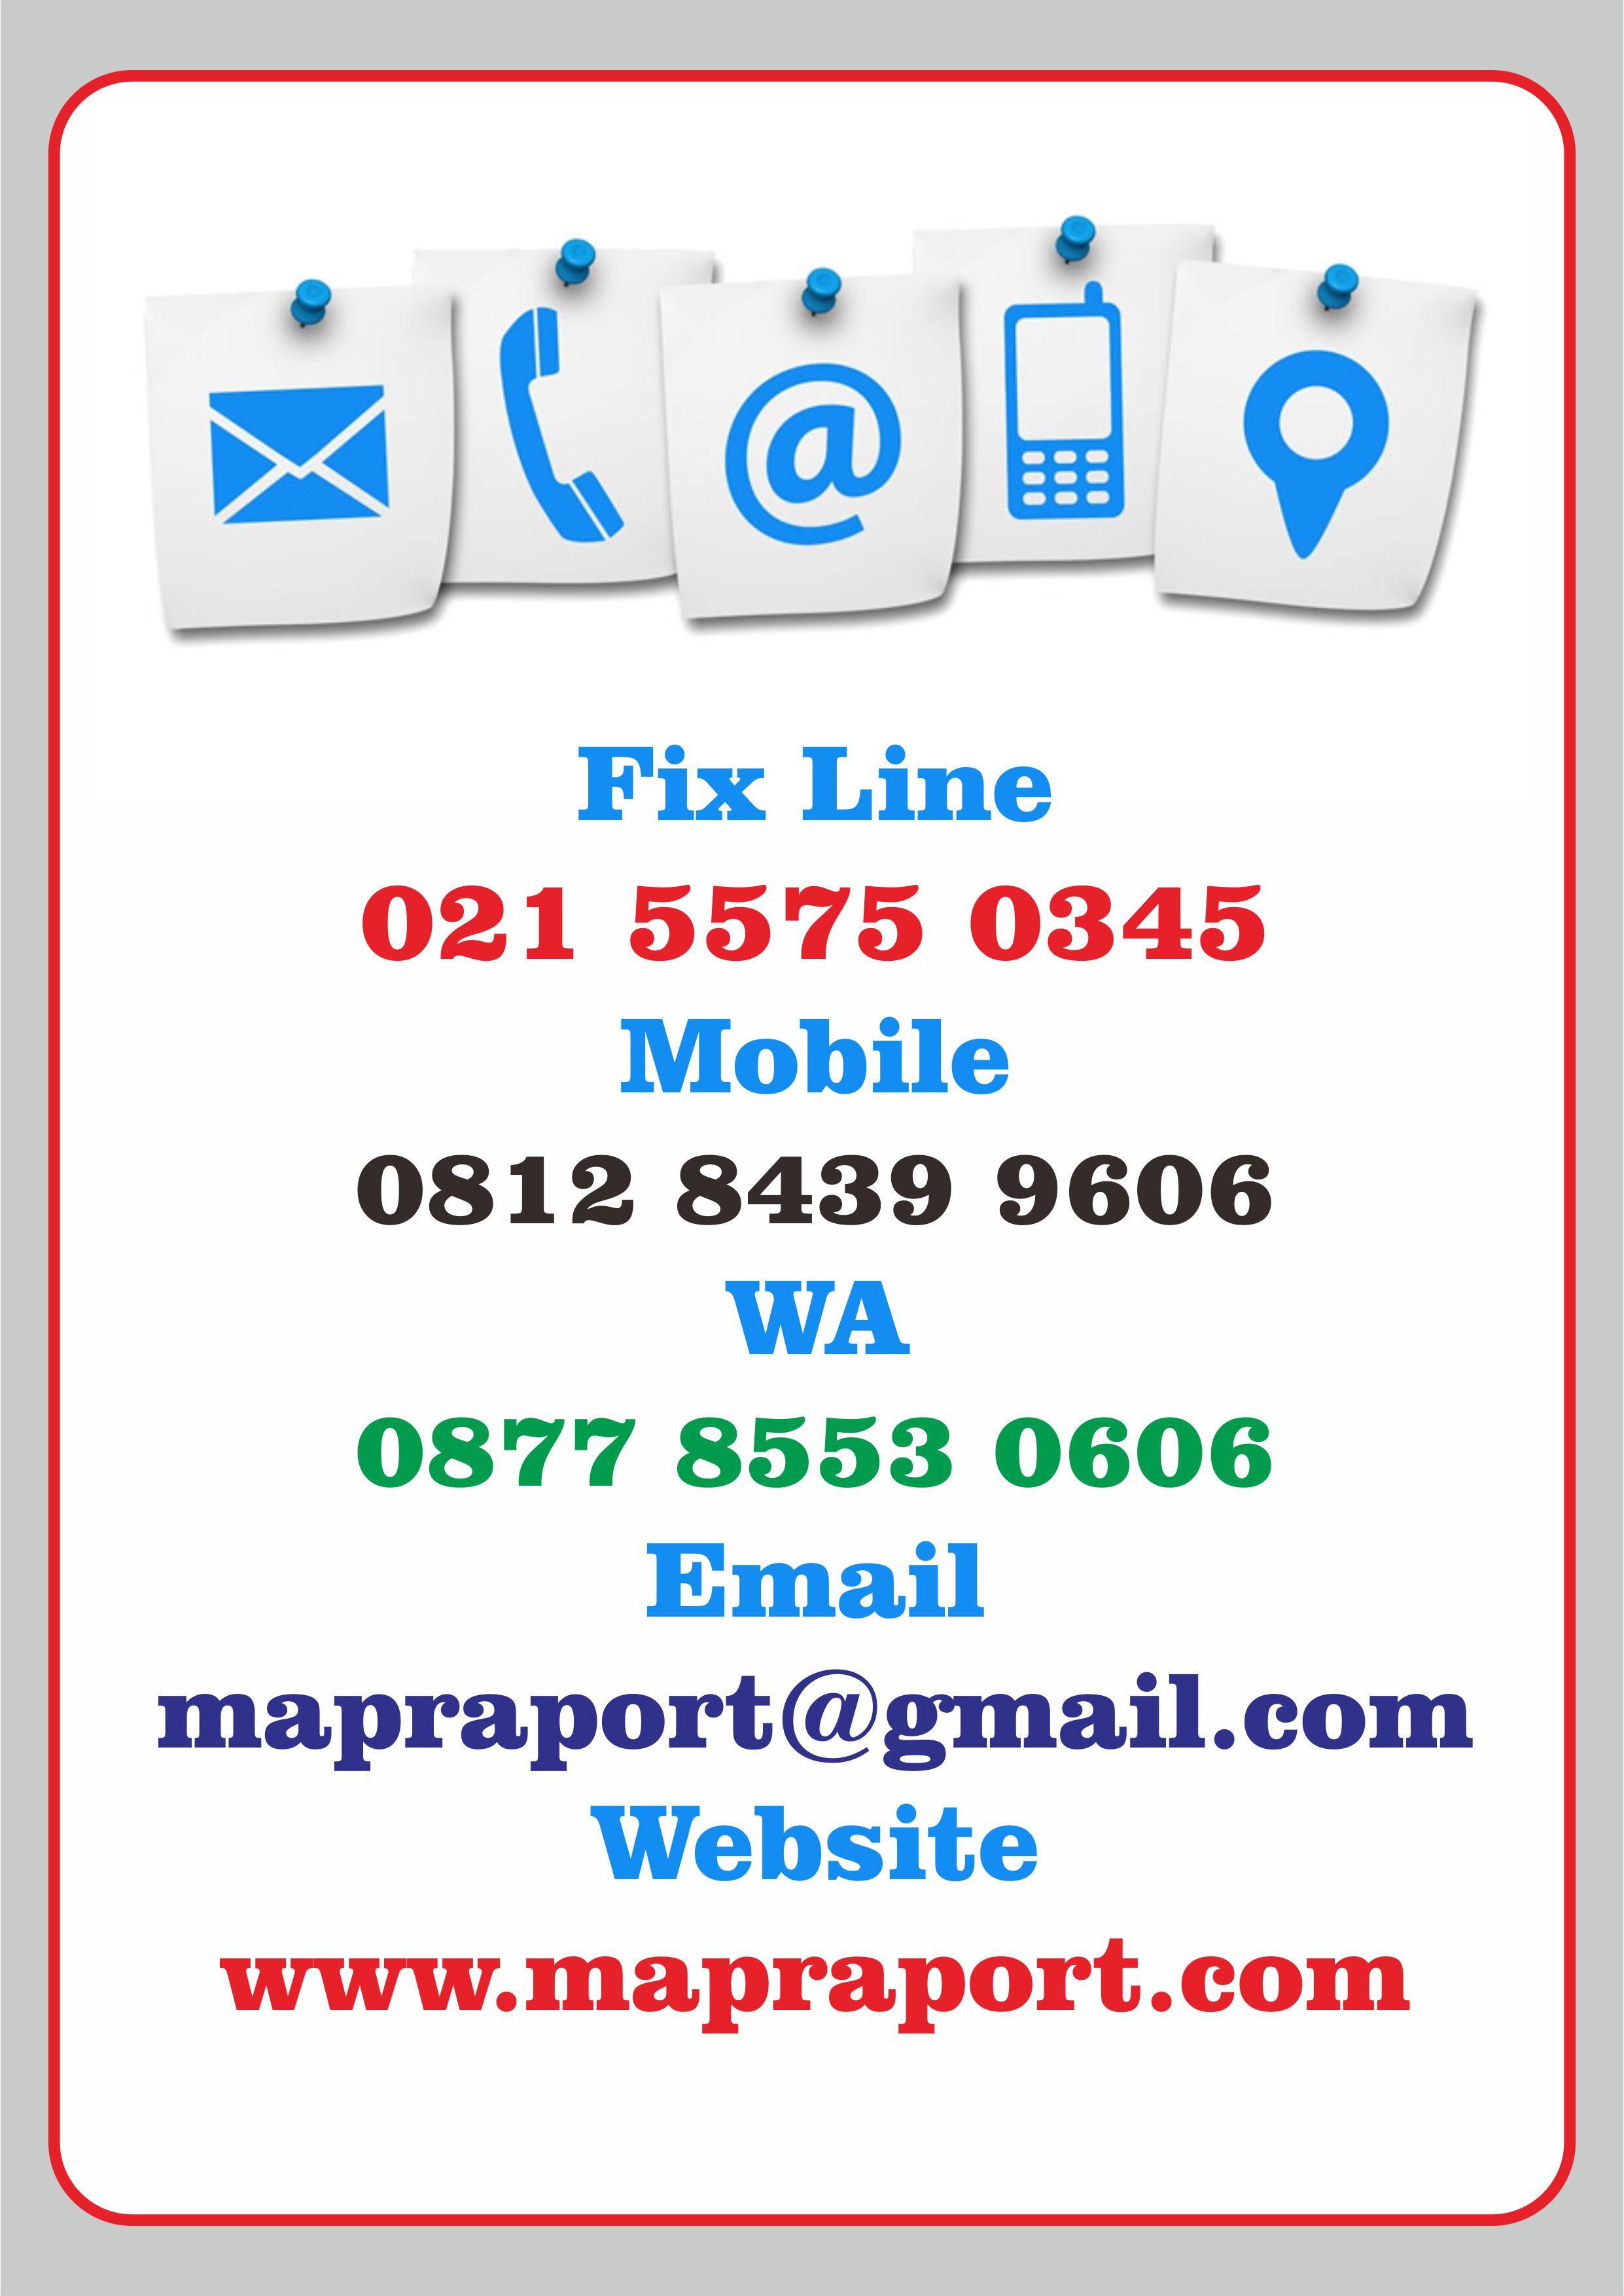 kontak mapraport